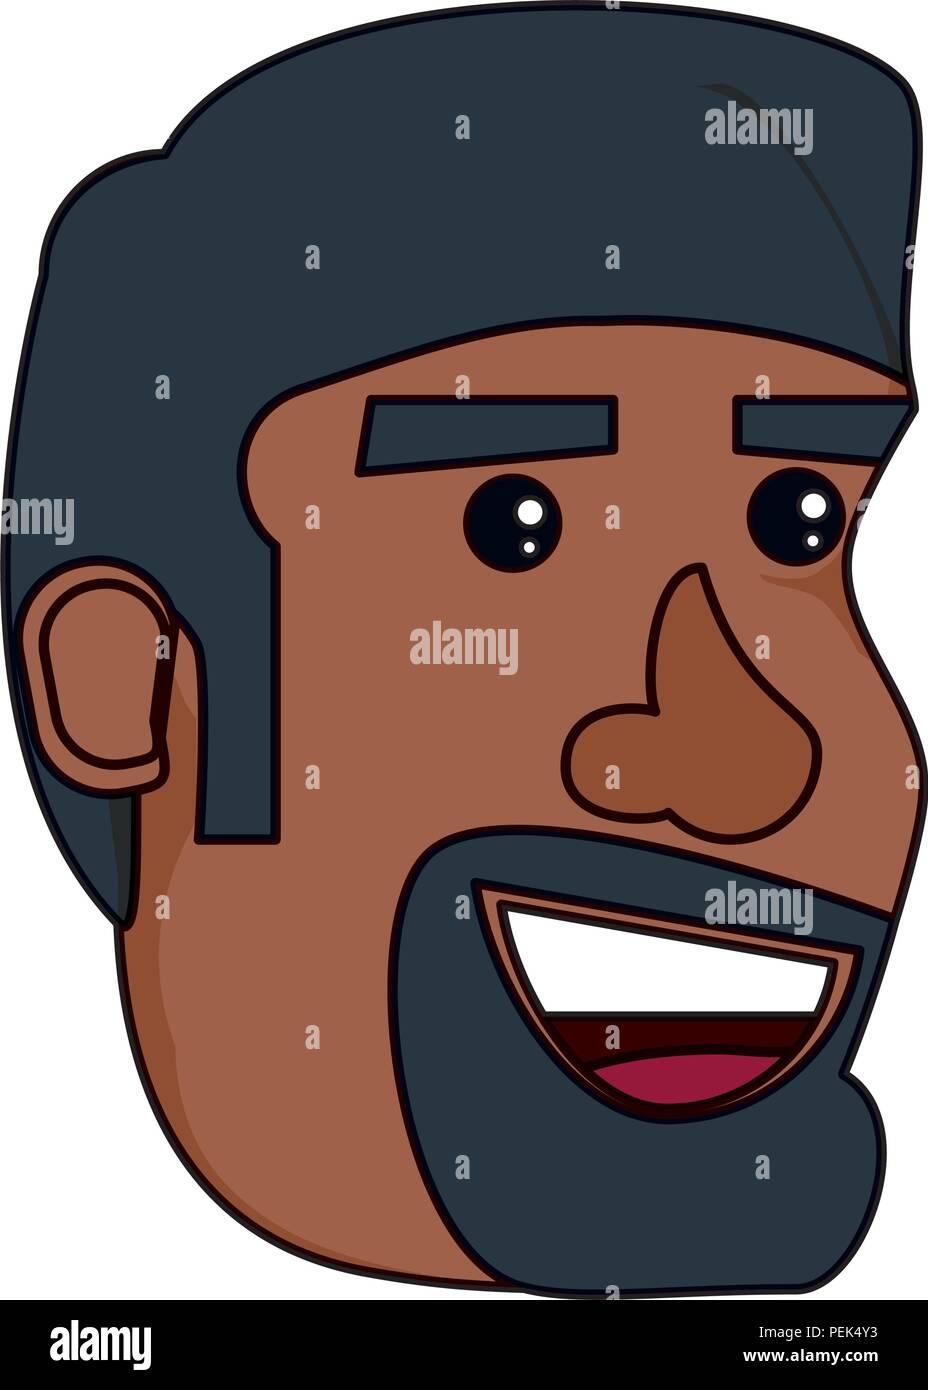 Cartoon uomo con barba su sfondo bianco illustrazione vettoriale